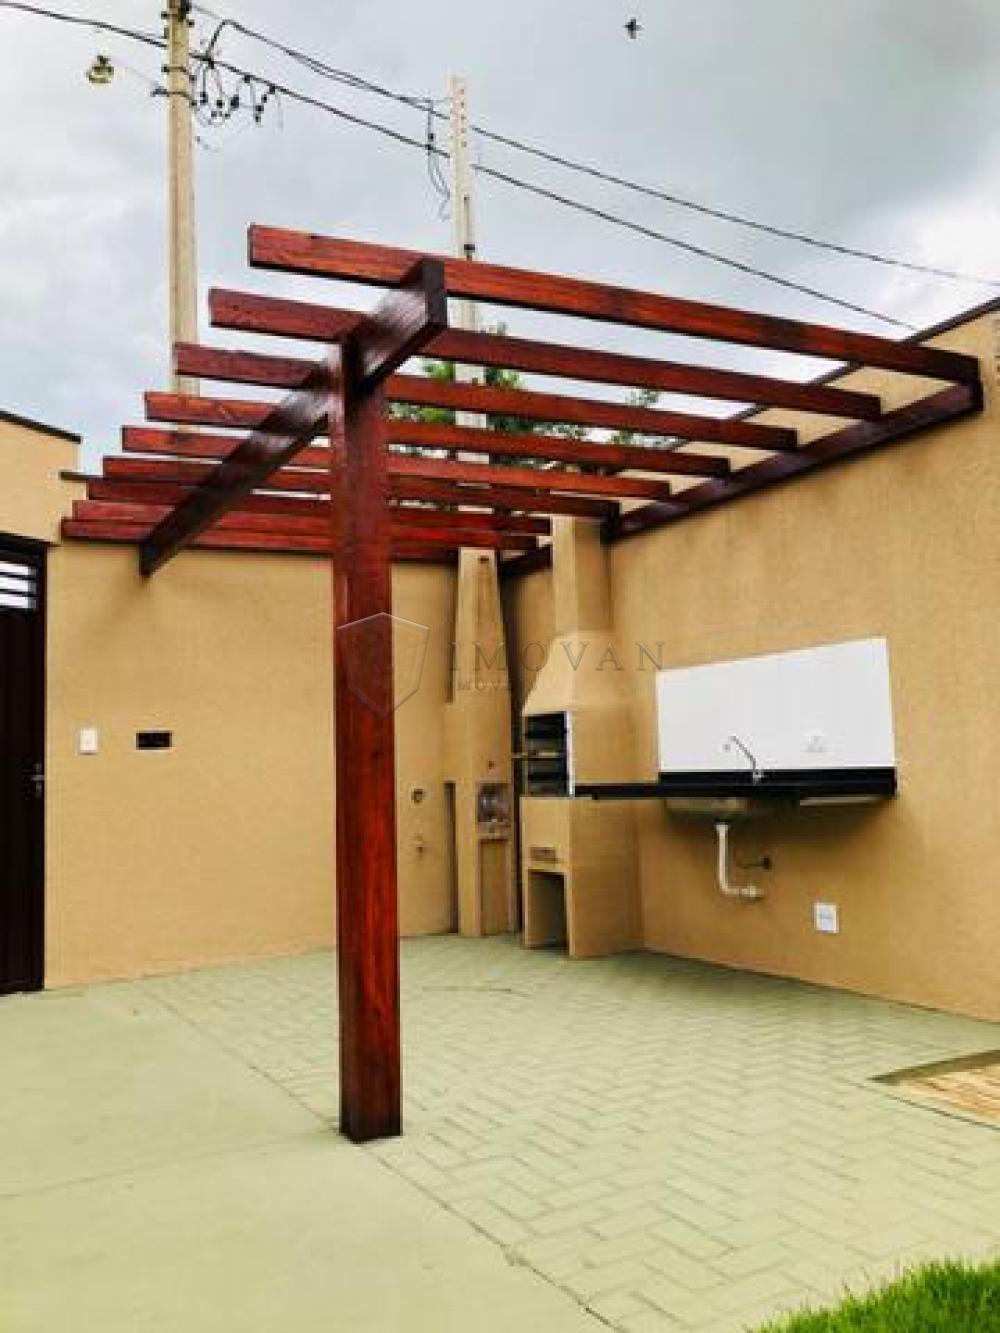 Comprar Casa / Padrão em Bonfim Paulista apenas R$ 250.000,00 - Foto 9